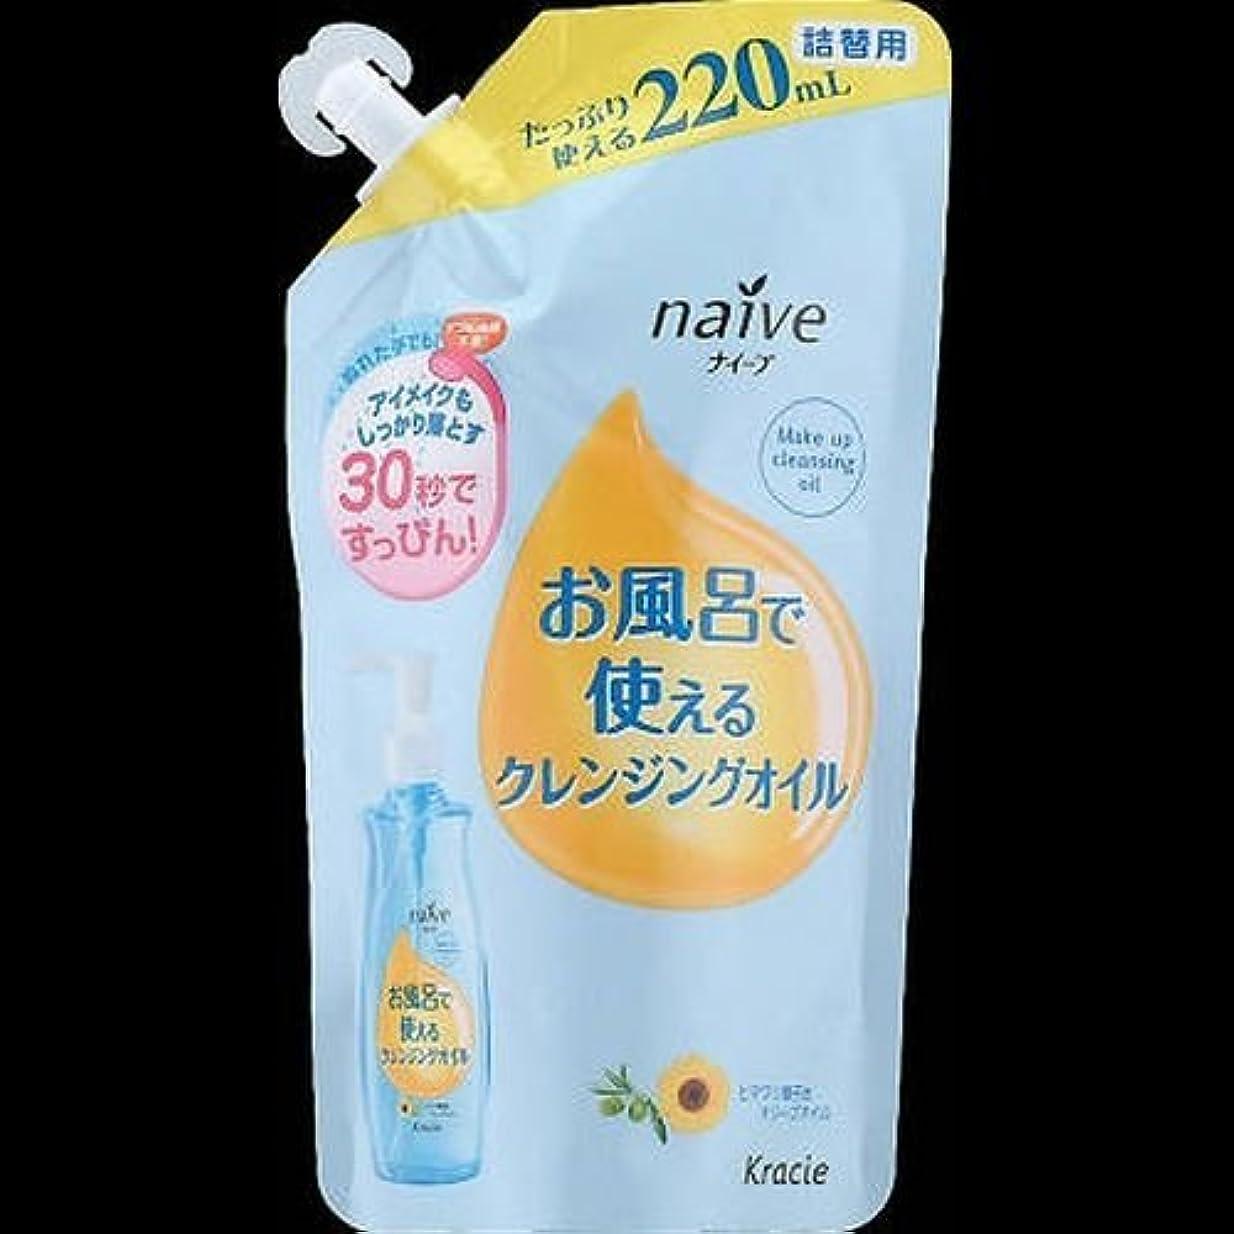 余裕があるエンディング魔術師【まとめ買い】ナイーブ お風呂で使えるクレンジングオイル 詰替 ×2セット